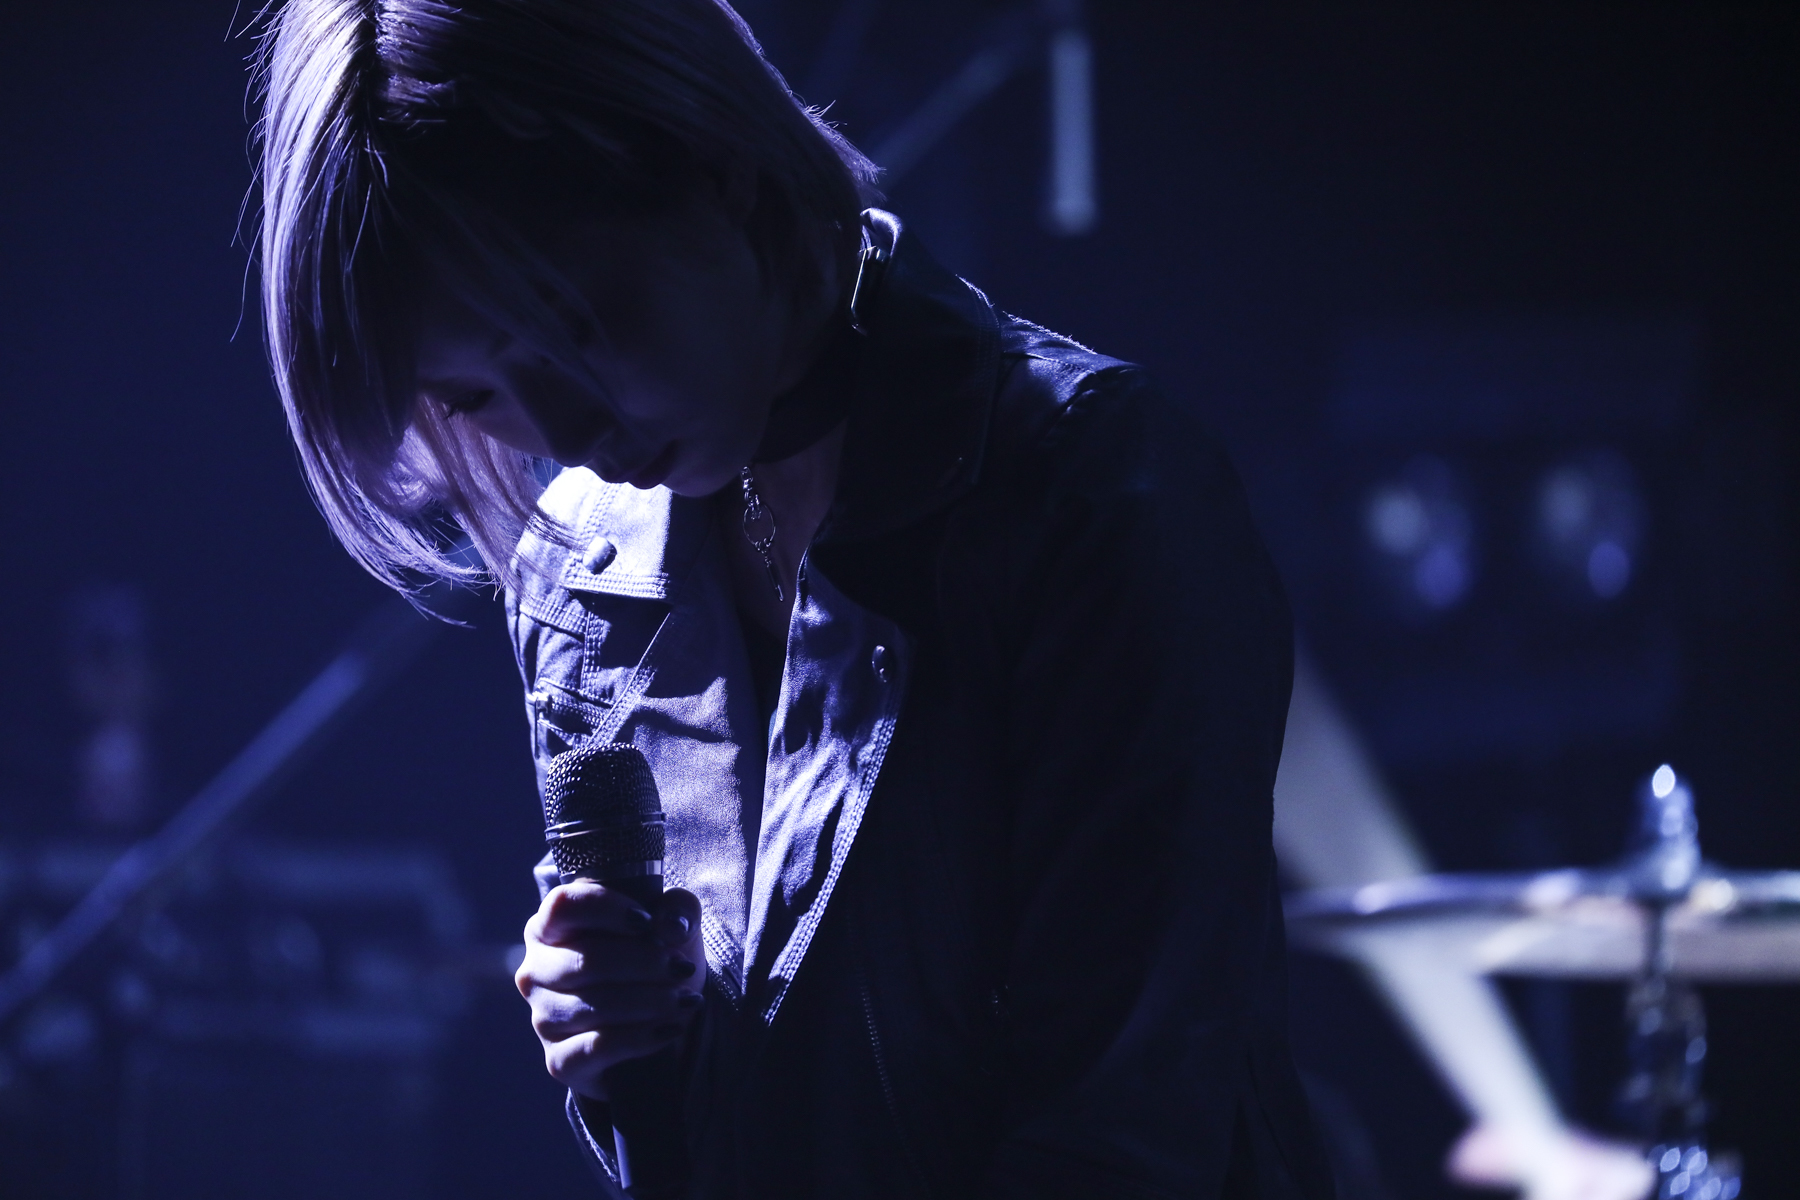 Photo by Tetsuya Yamamoto